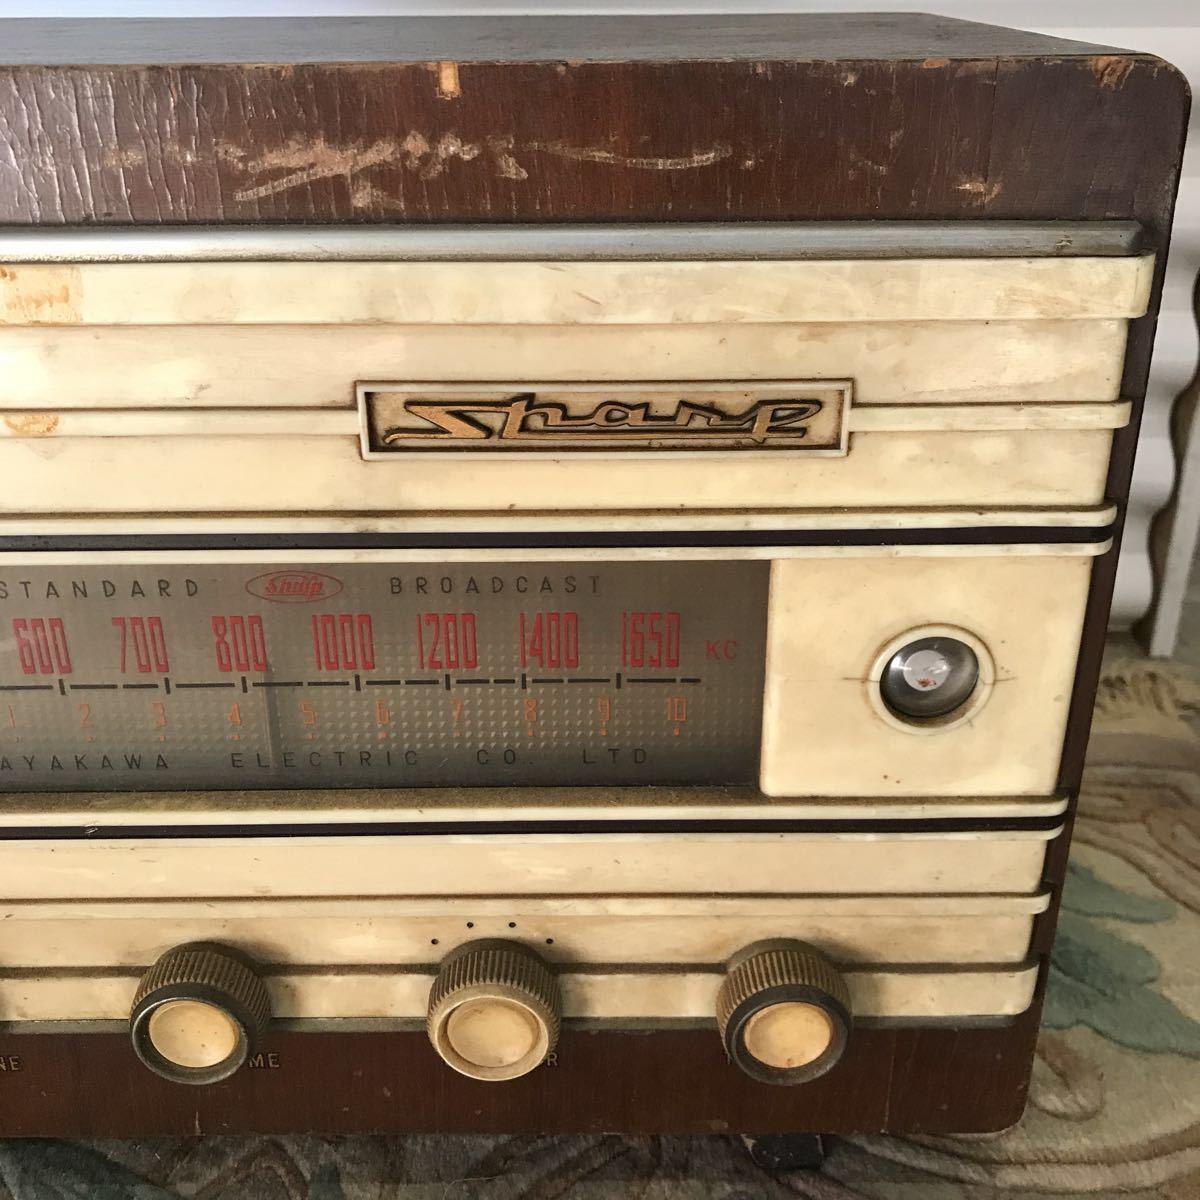 シャープ SHARP 真空管ラジオ ラジオ 6A-62型 昭和レトロ インテリア ジャンク品_画像2